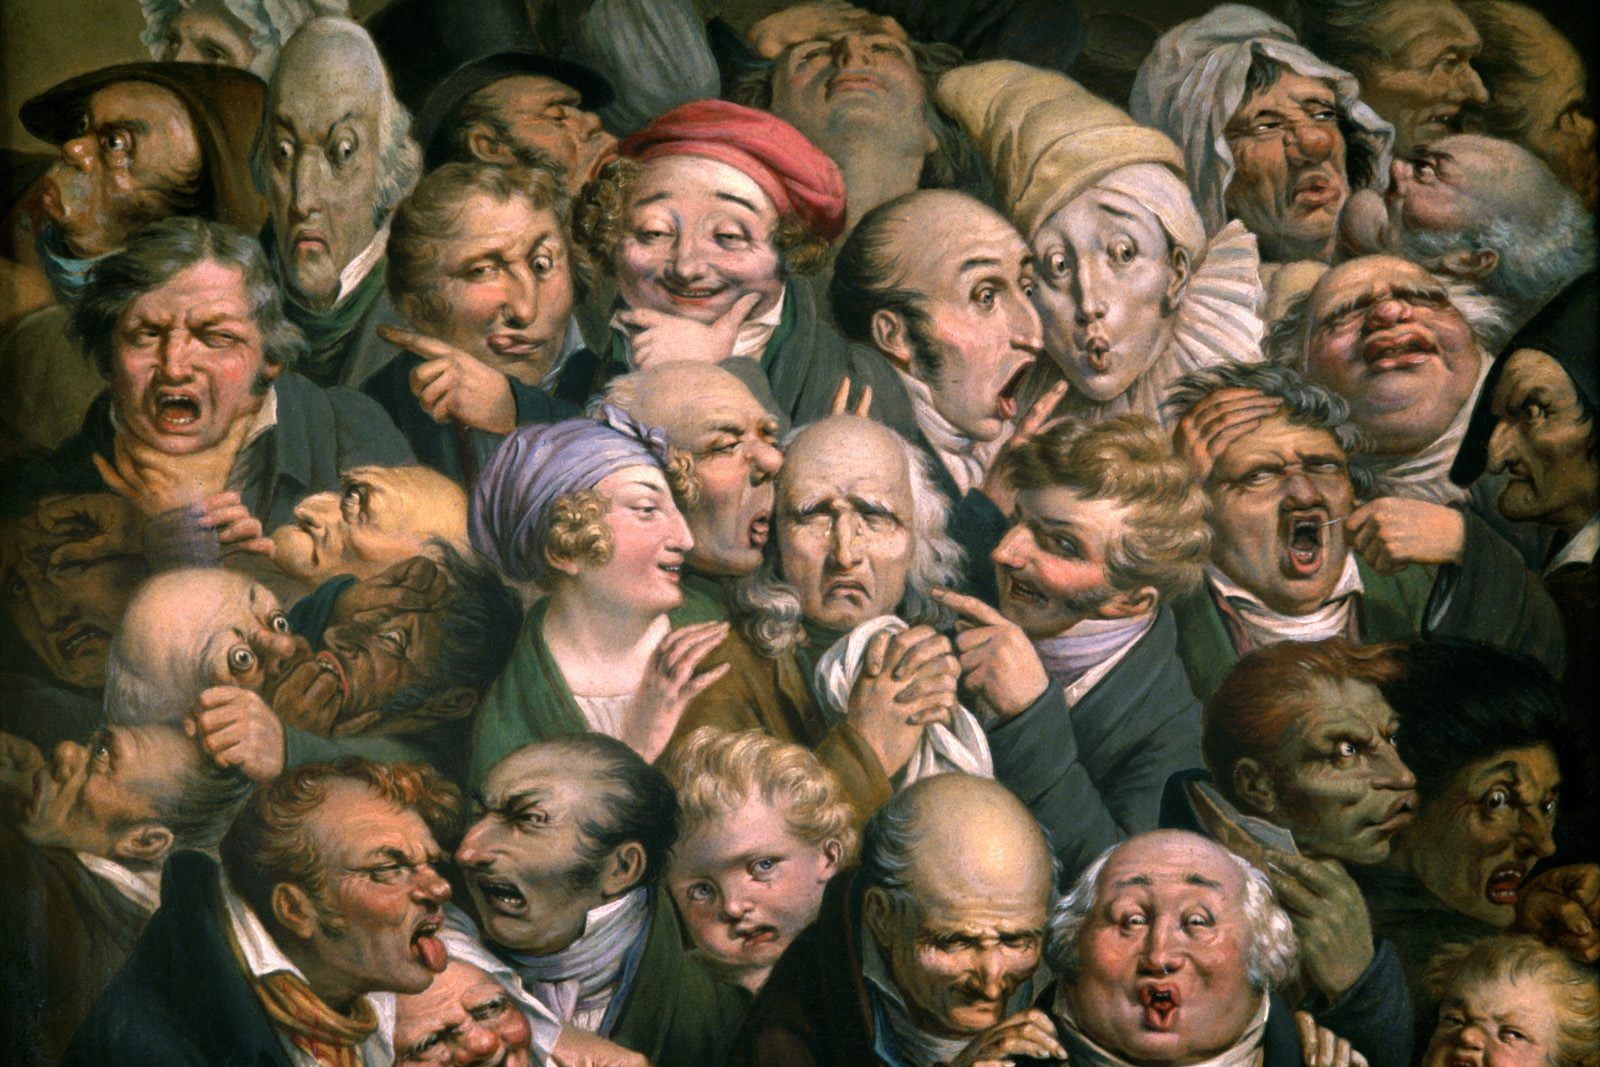 чувства и эмоции в картинах известных художников выпьем